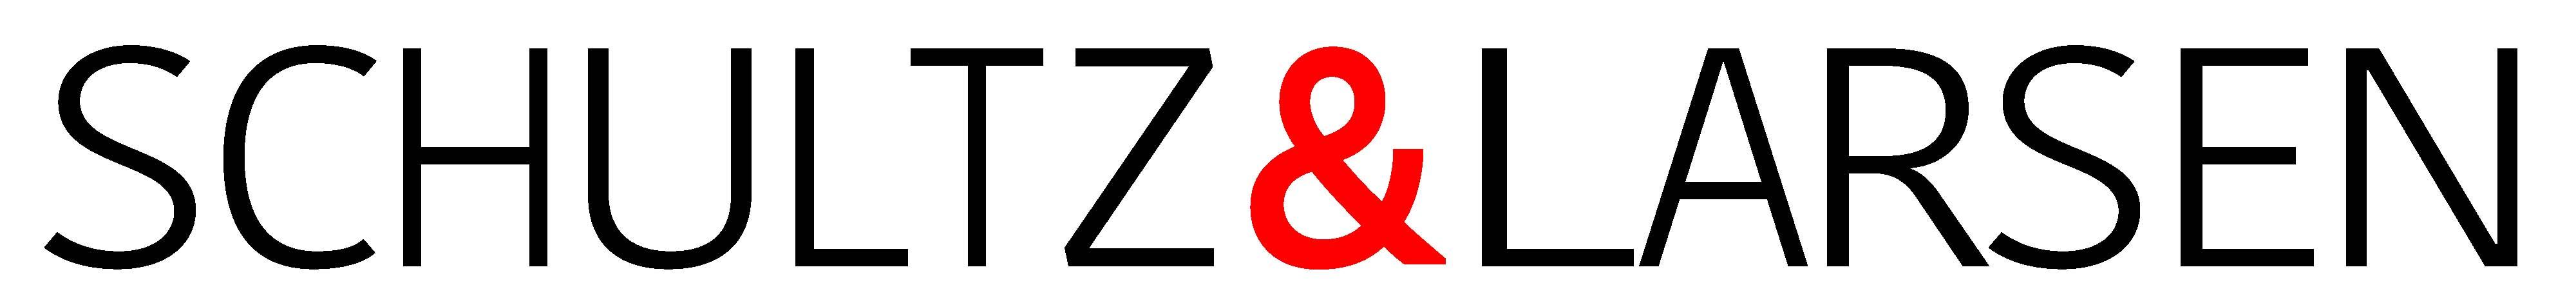 Schultz & Larsen